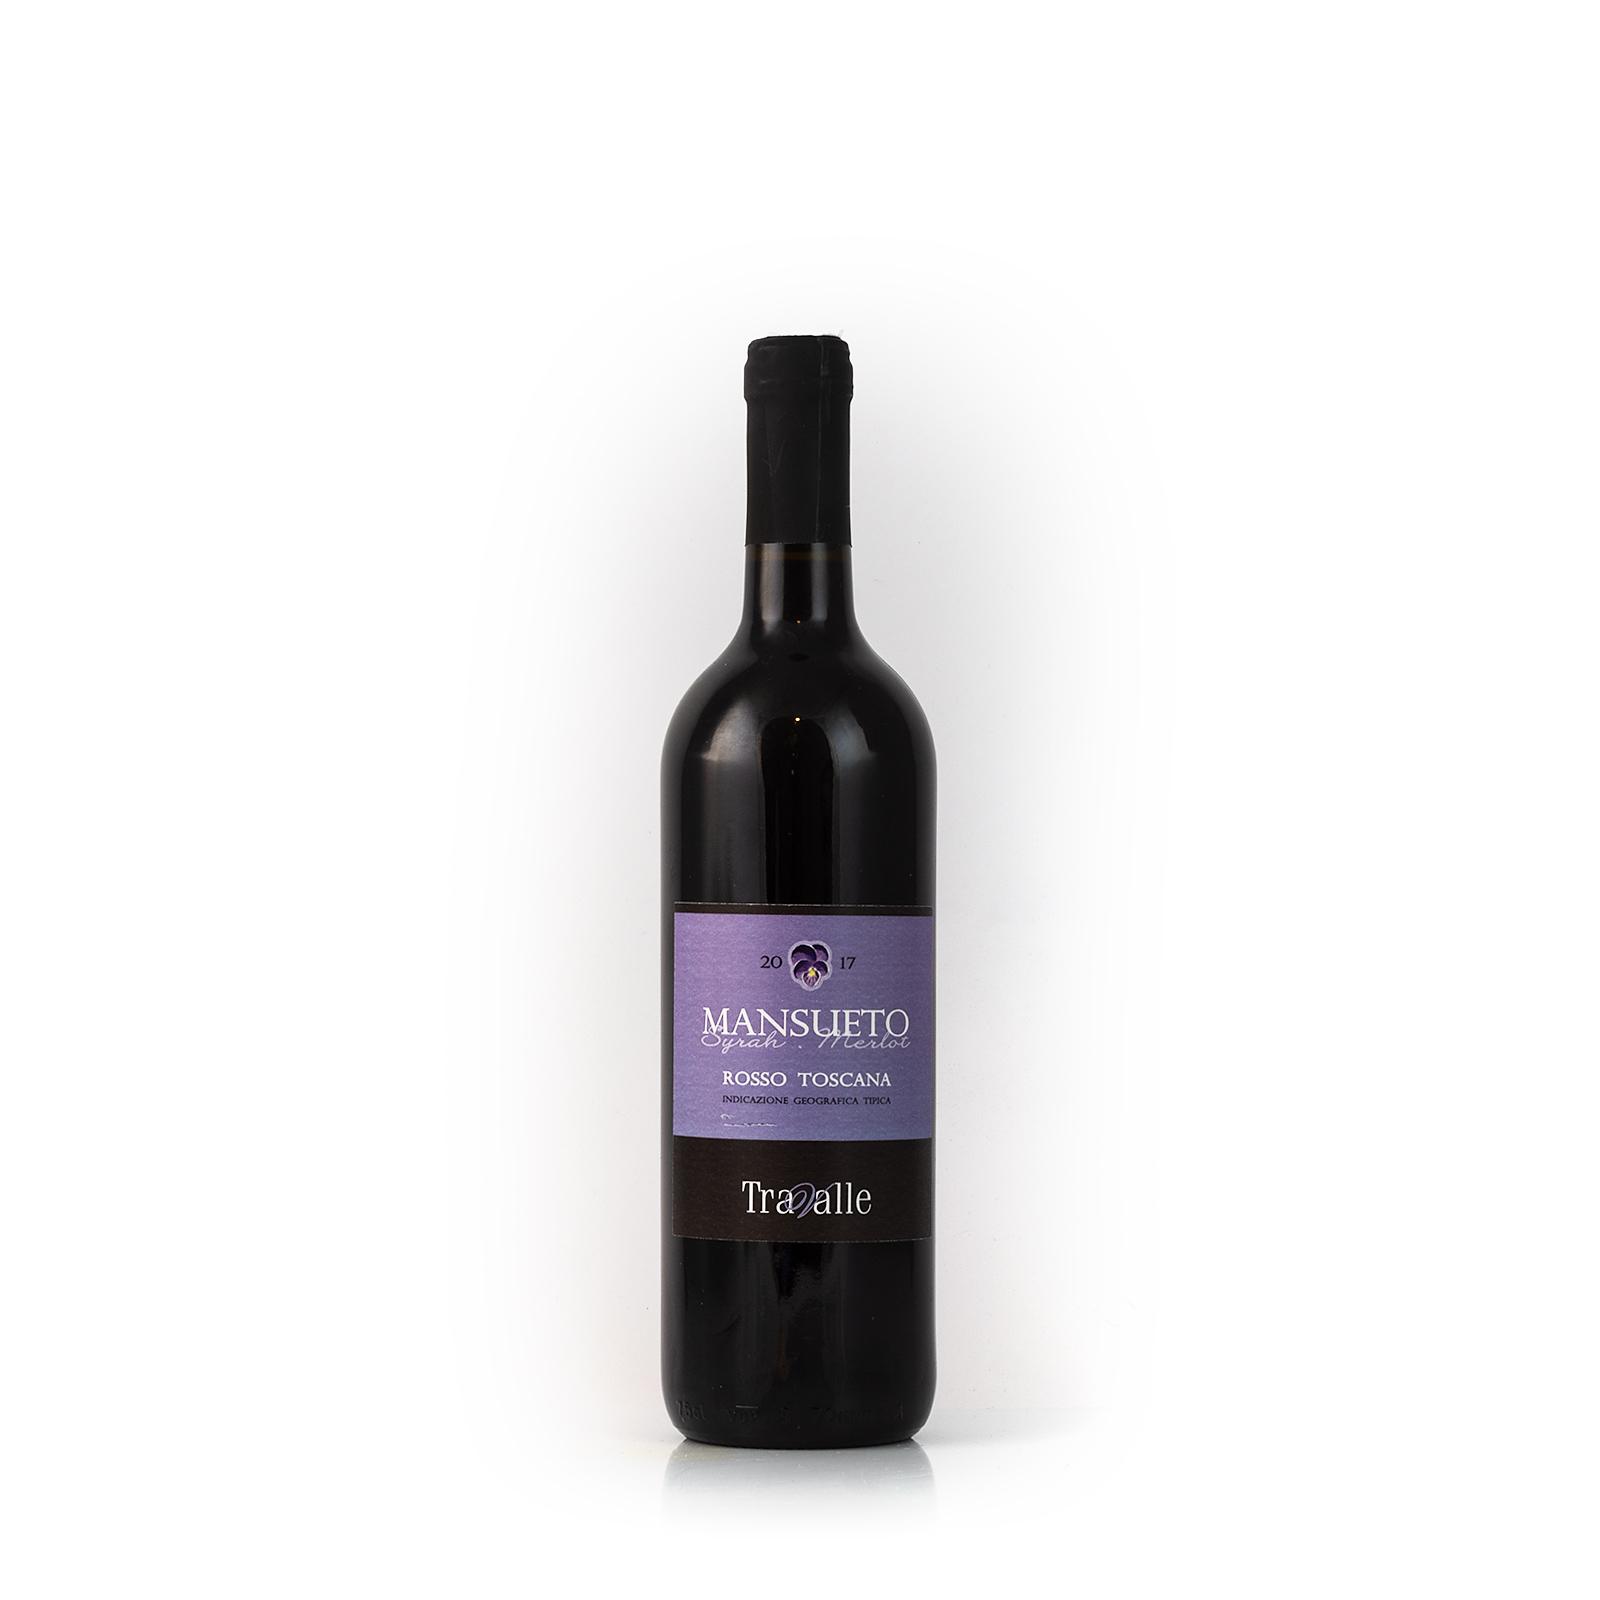 Fattoria di Travalle Mansueto Vino Rosso Toscana